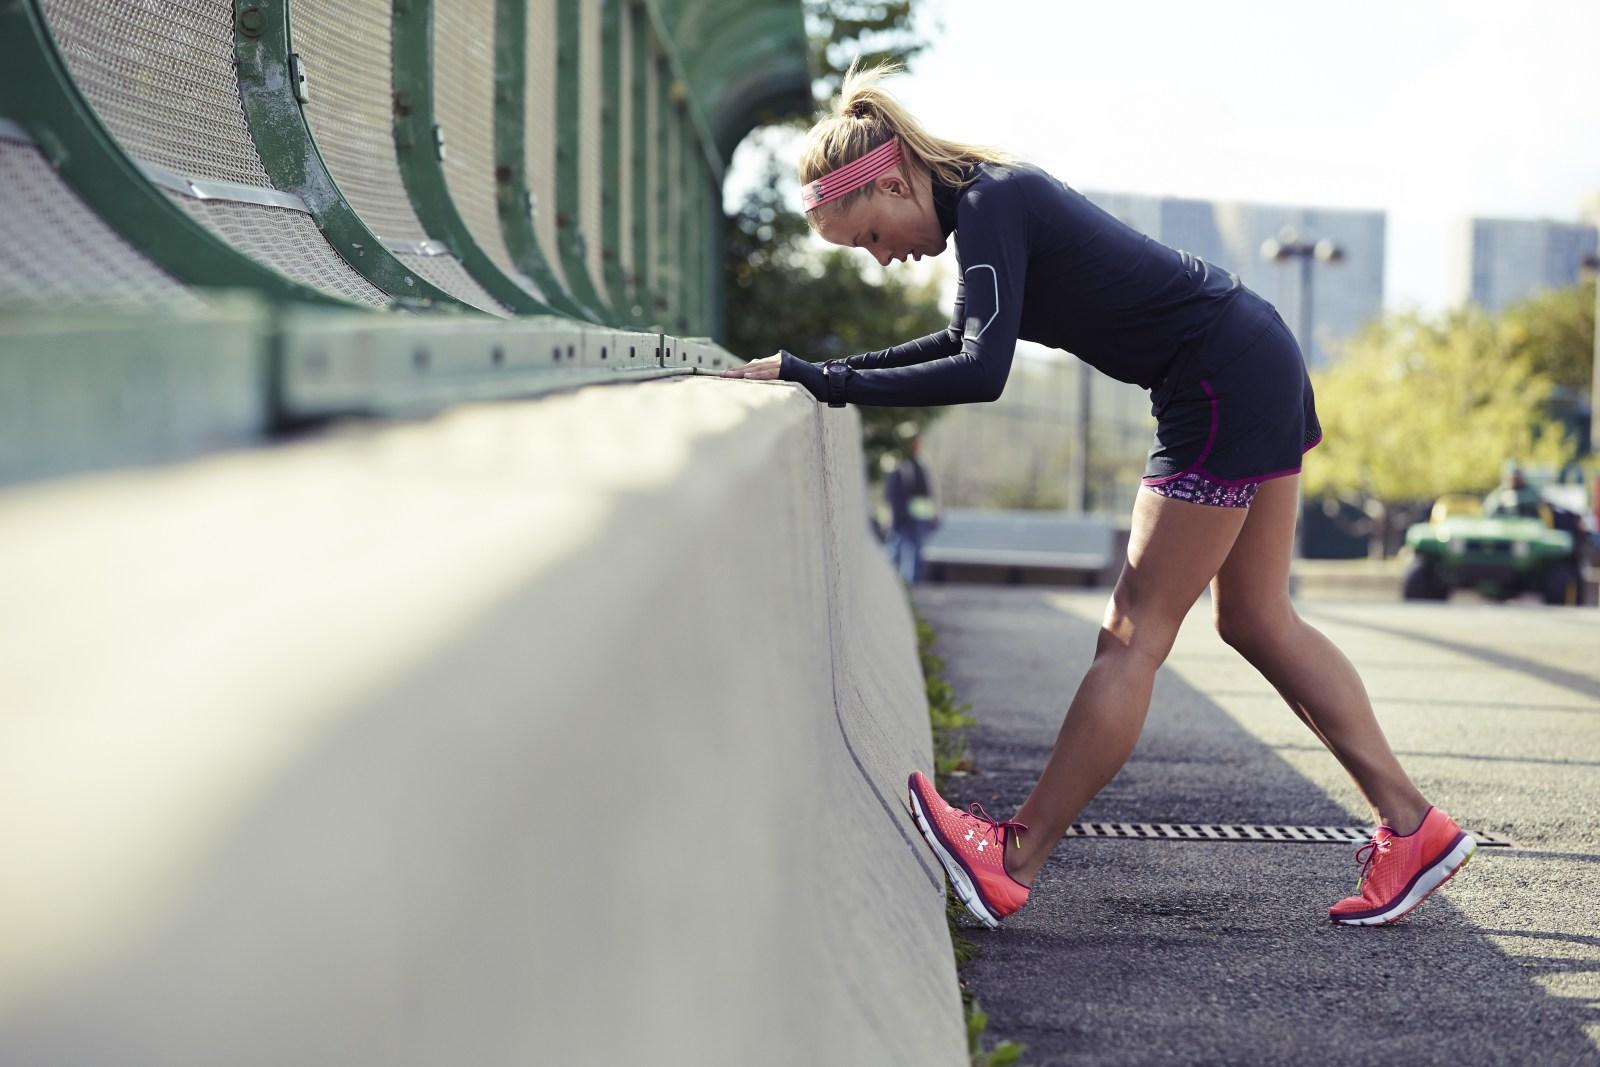 burn calories, 10 Exercises To Burn Calories FAST